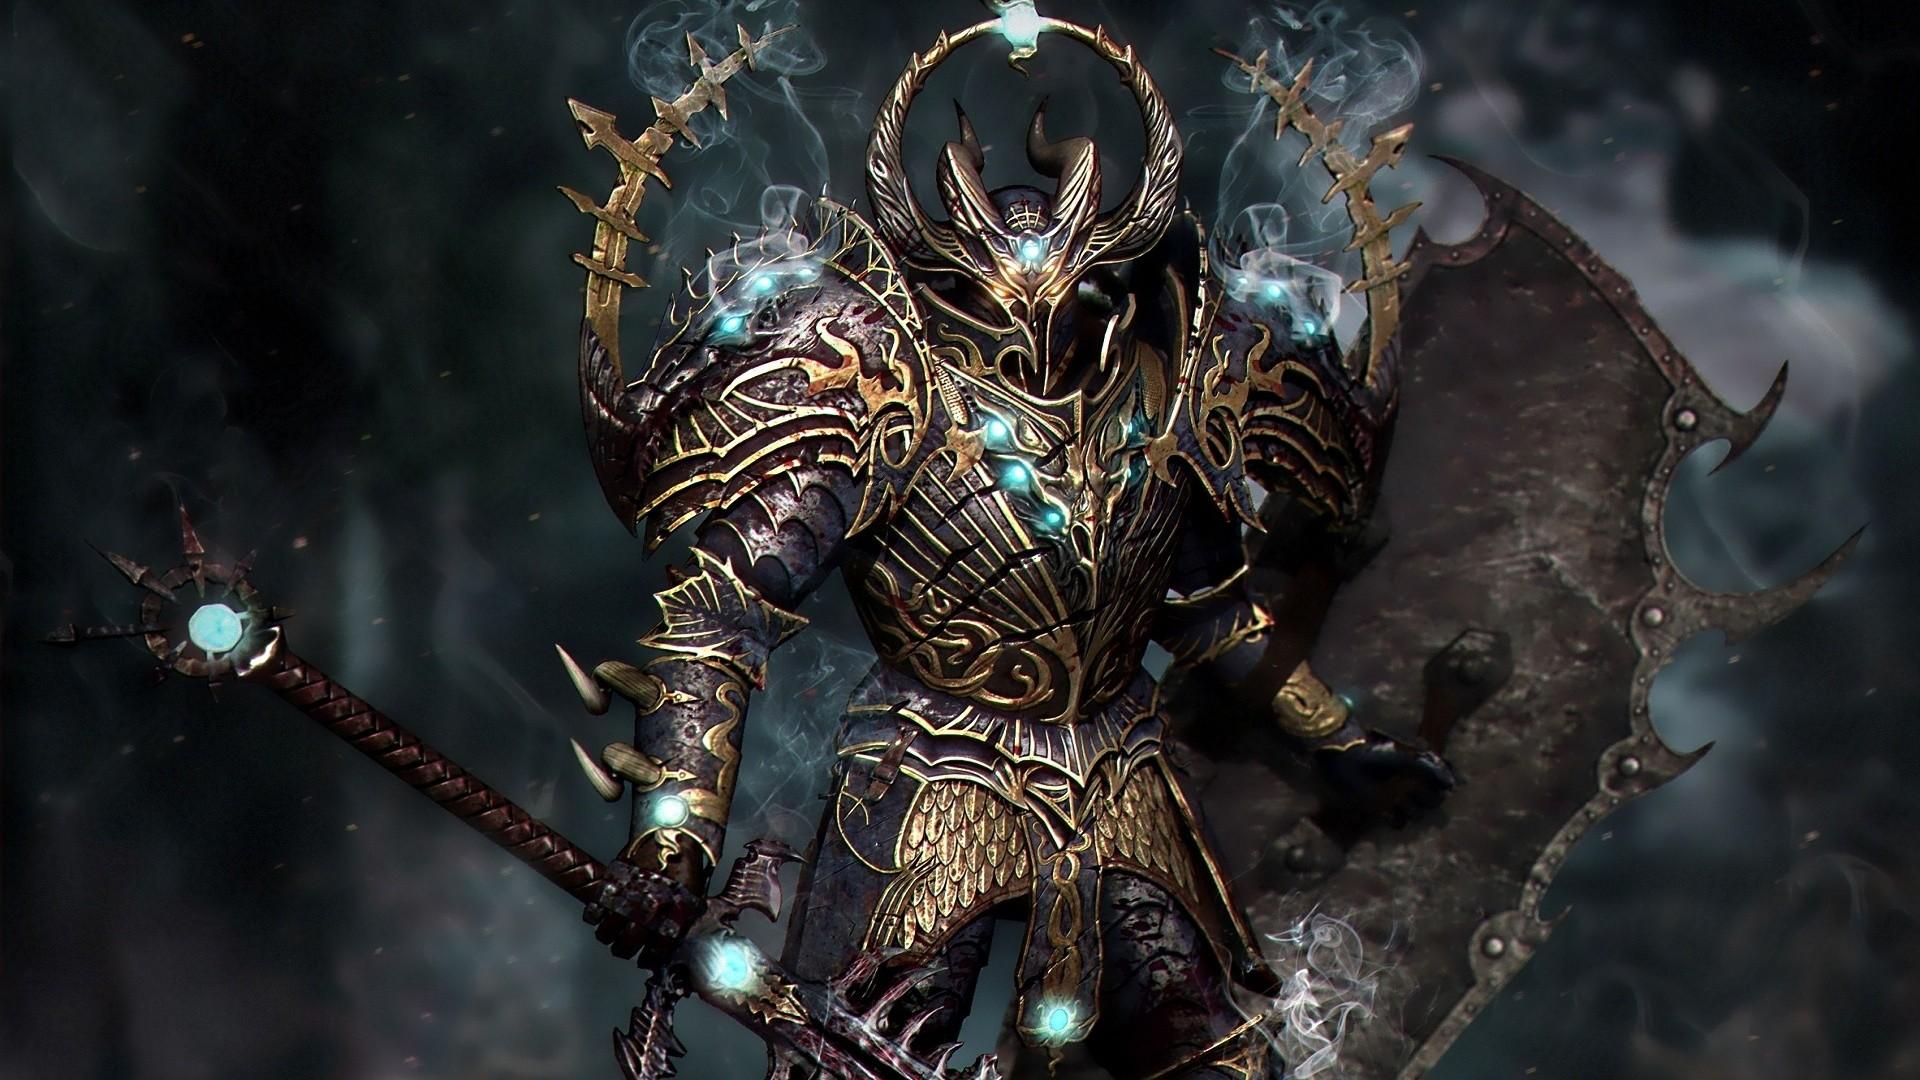 Fantasy – Warrior Wallpaper